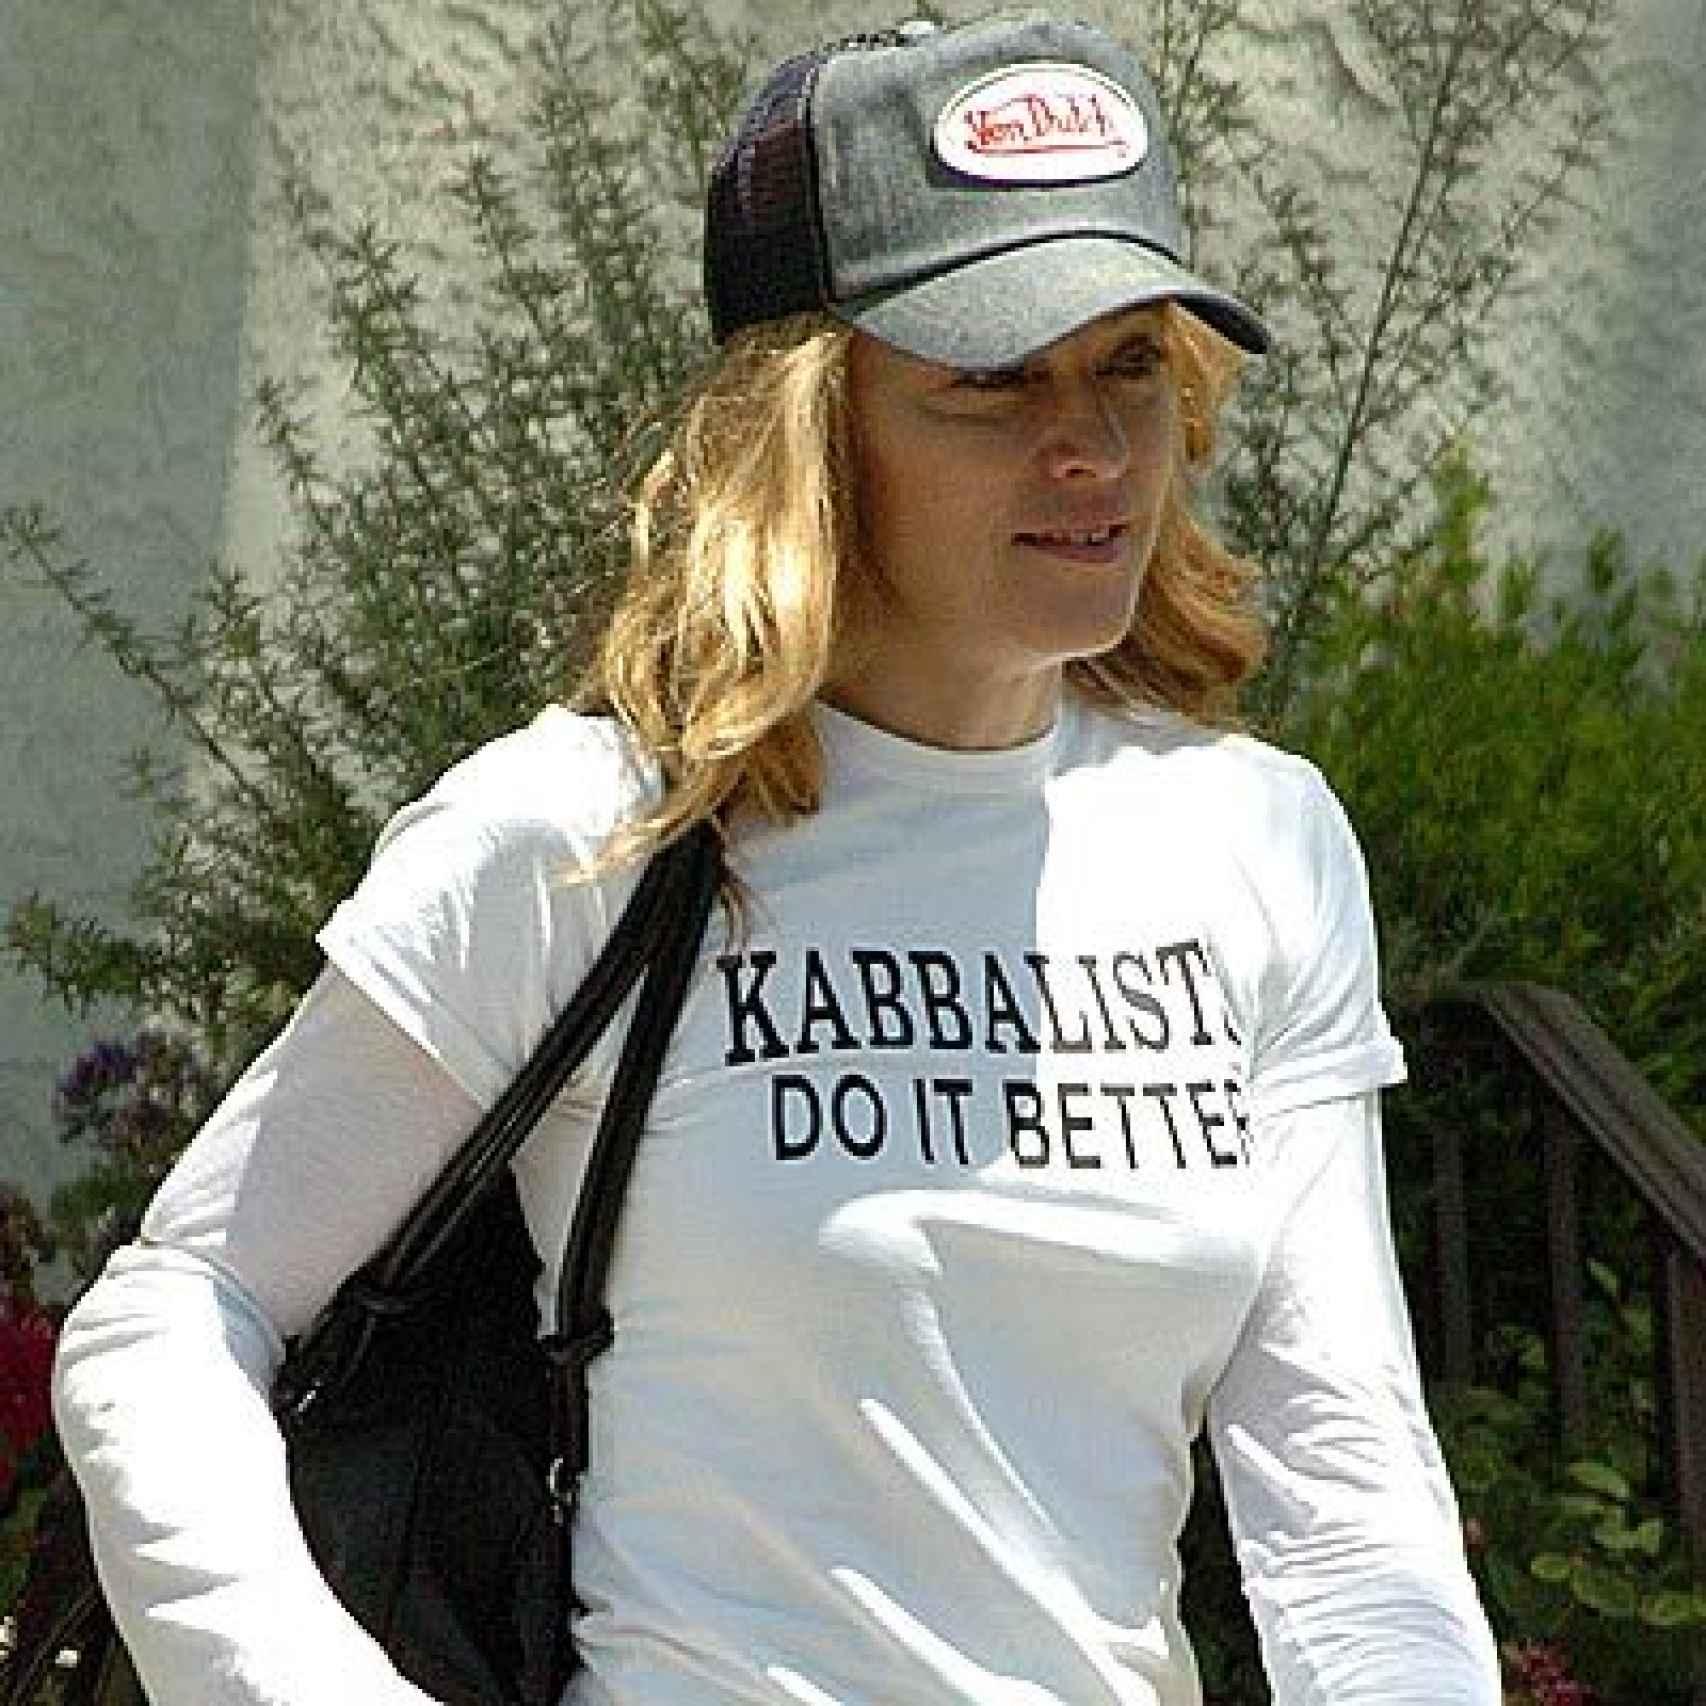 Madona promocionando con una camiseta la Cábala